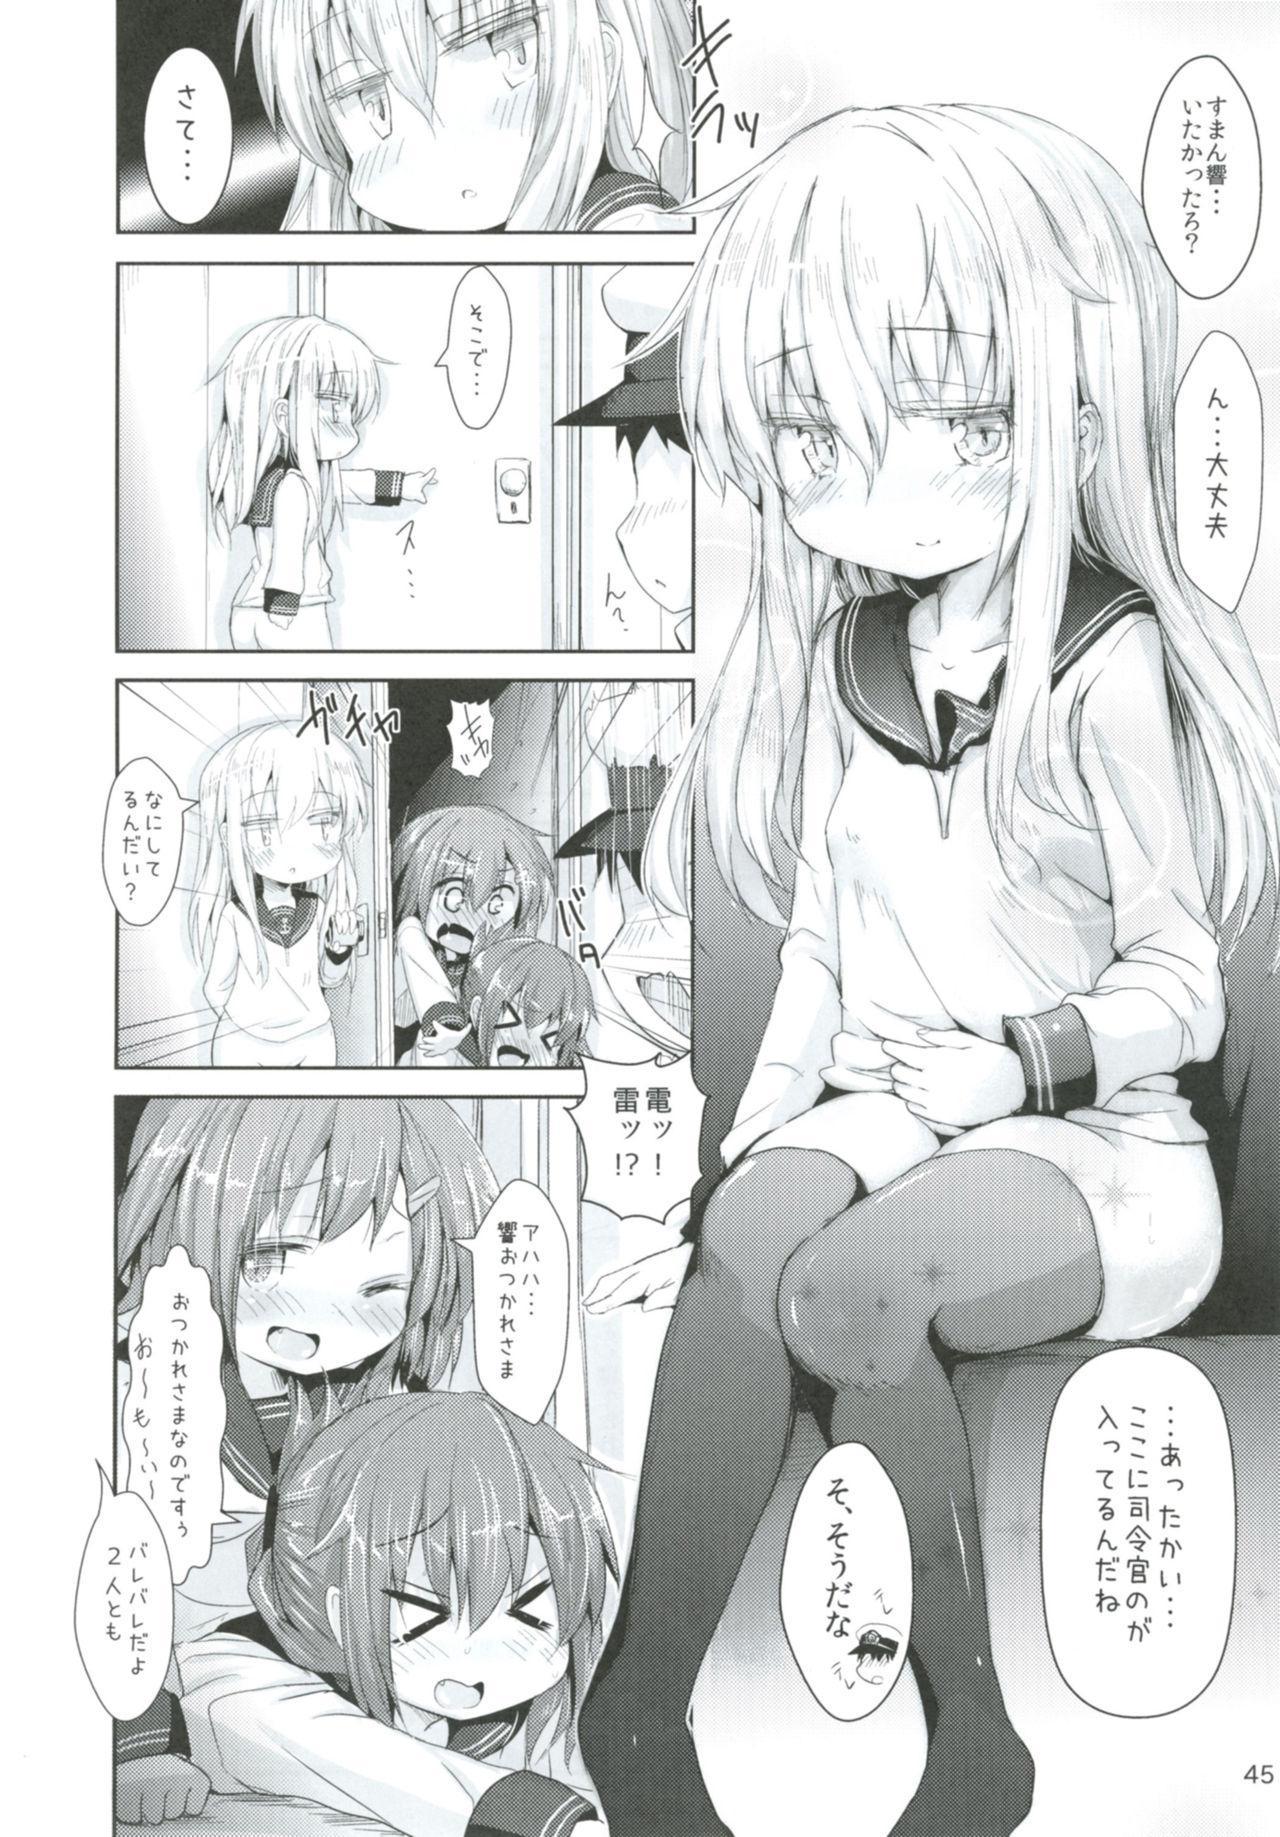 [Inyu-goya (Inyucchi)] Shireikan-san wa SexHara-san nano desu Matome (Kantai Collection -KanColle-) [Digital] 43